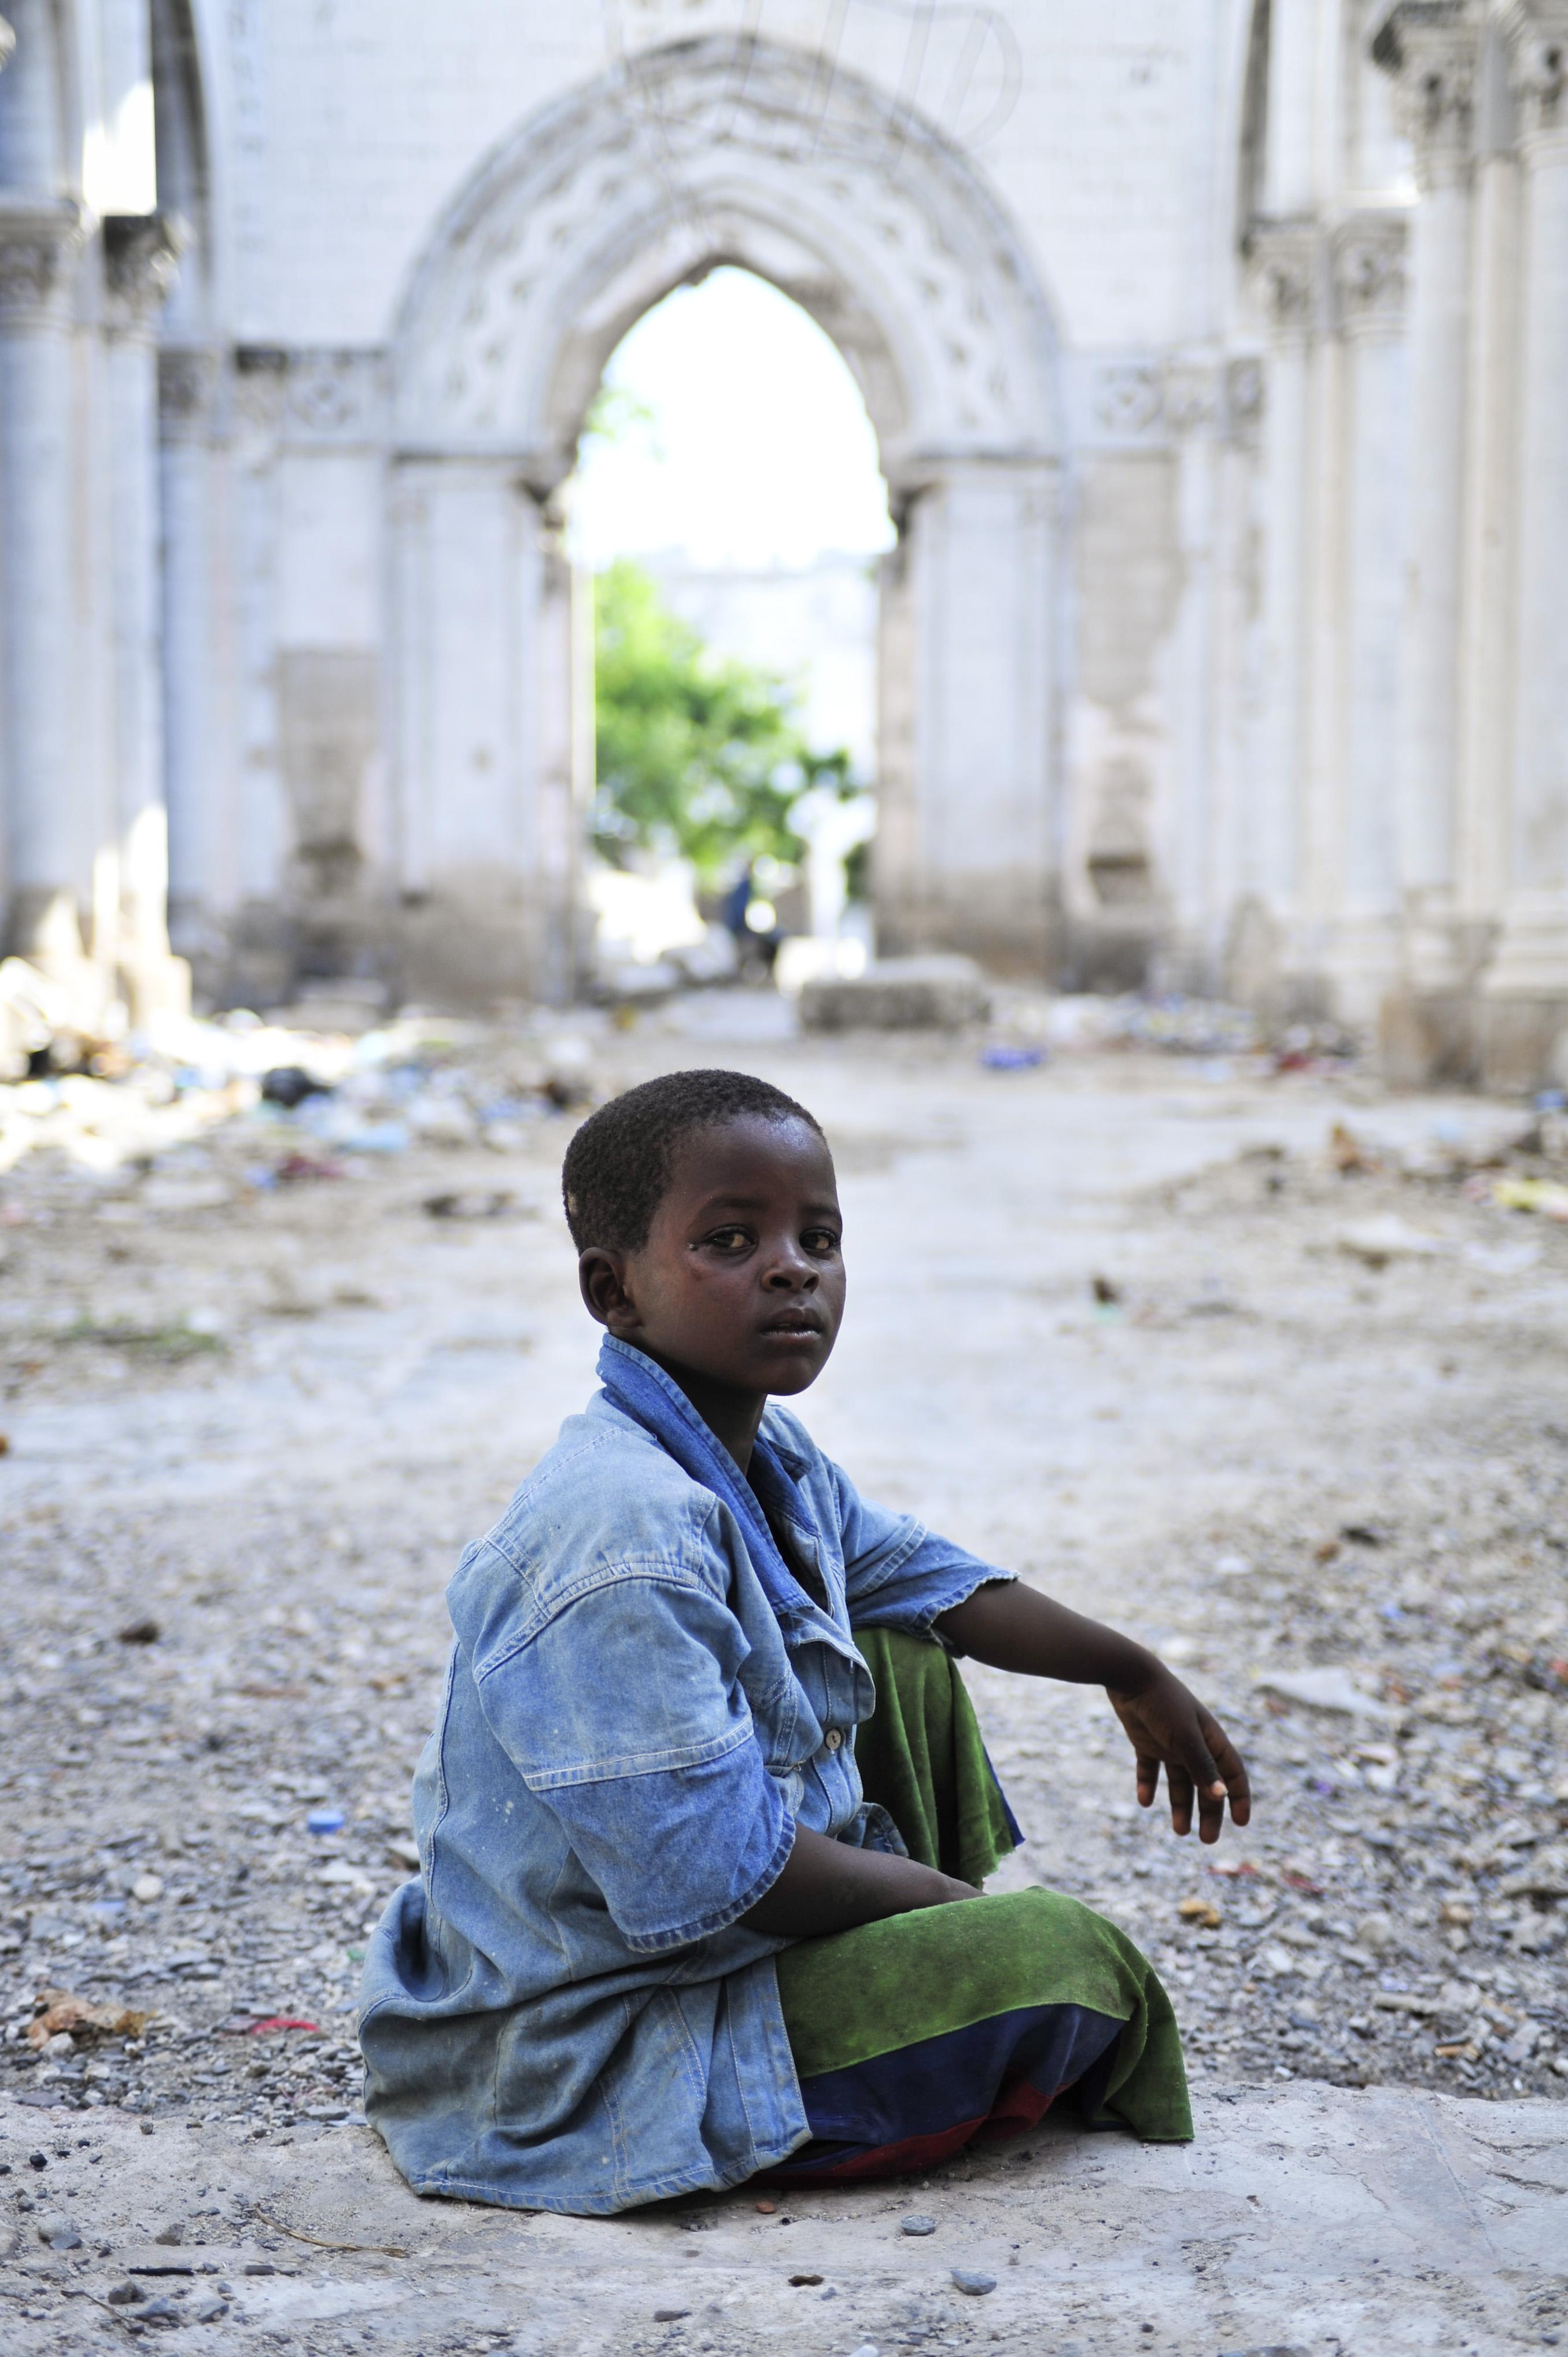 Un ragazzo nella vecchia cattedrale in rovina (Au-Un Ist photo' Tobin Jones)